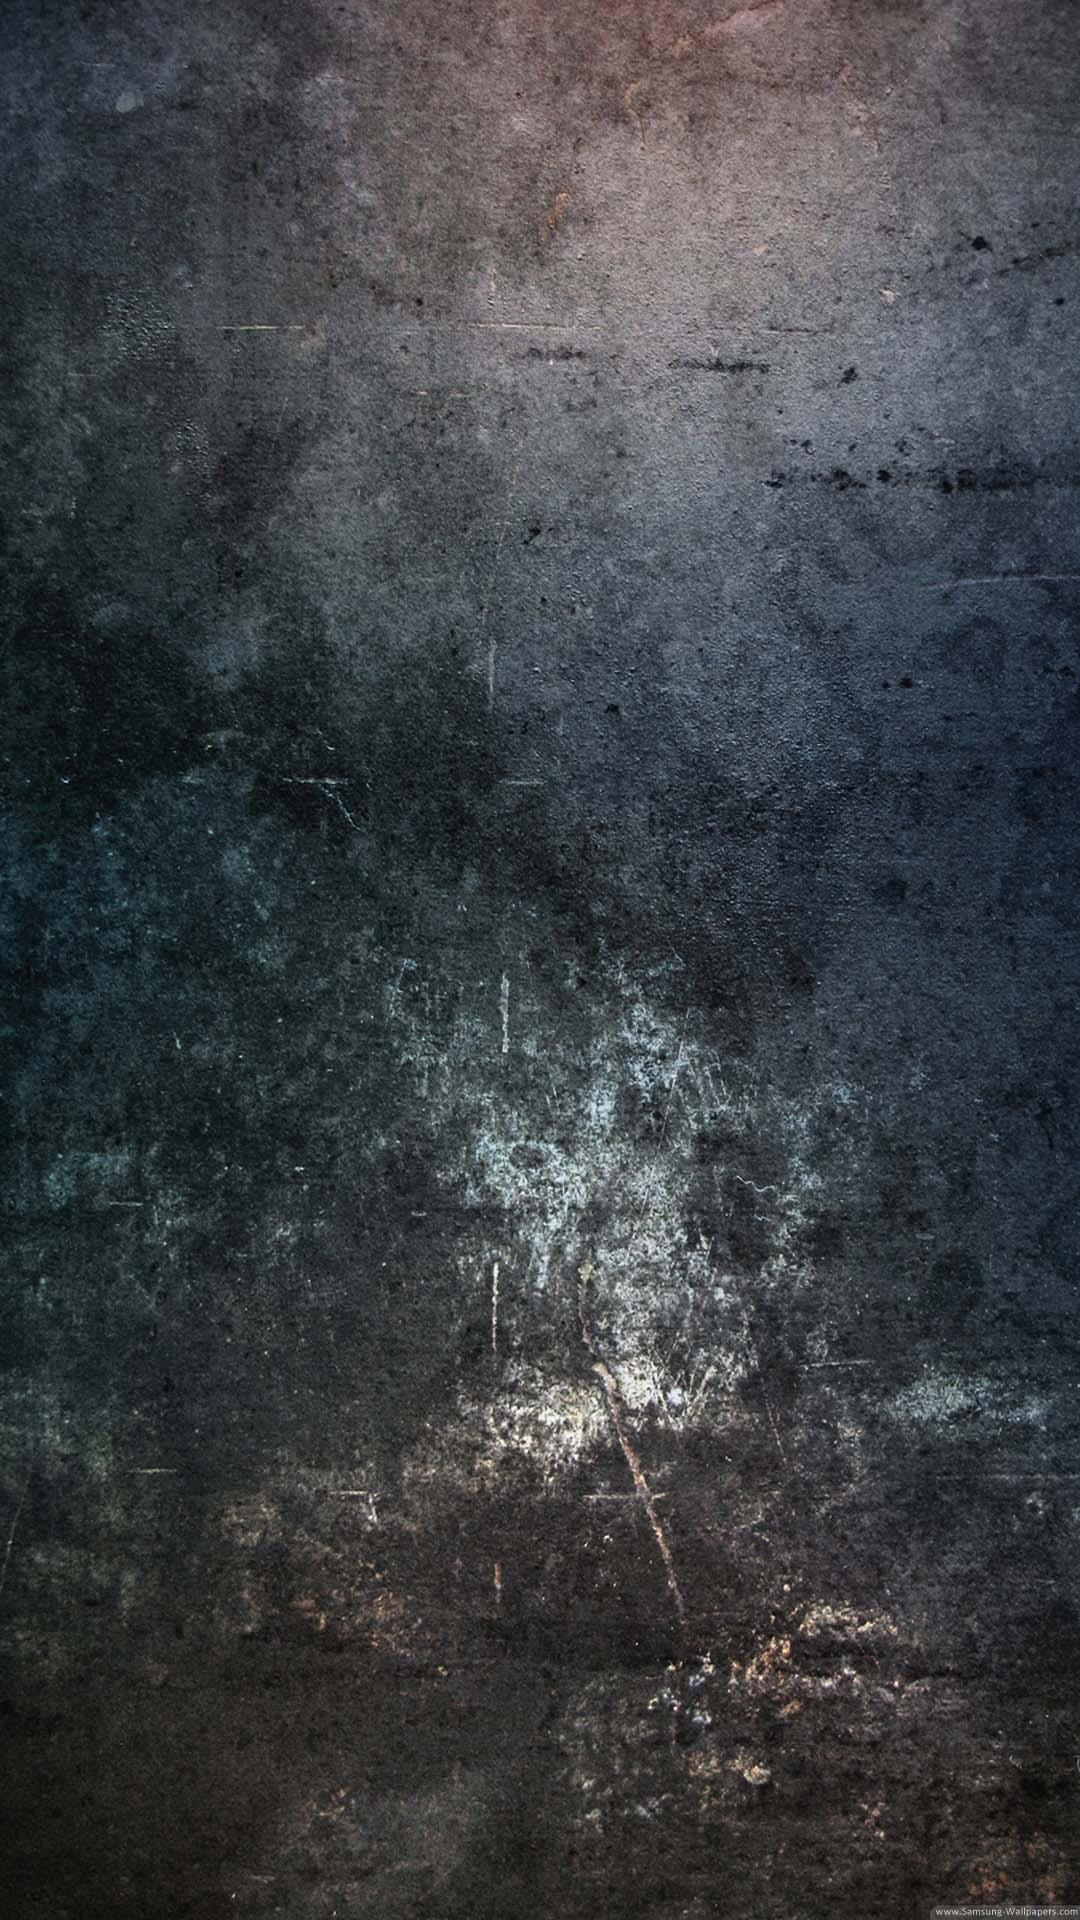 【v粉壁纸】10801920壁纸专辑04